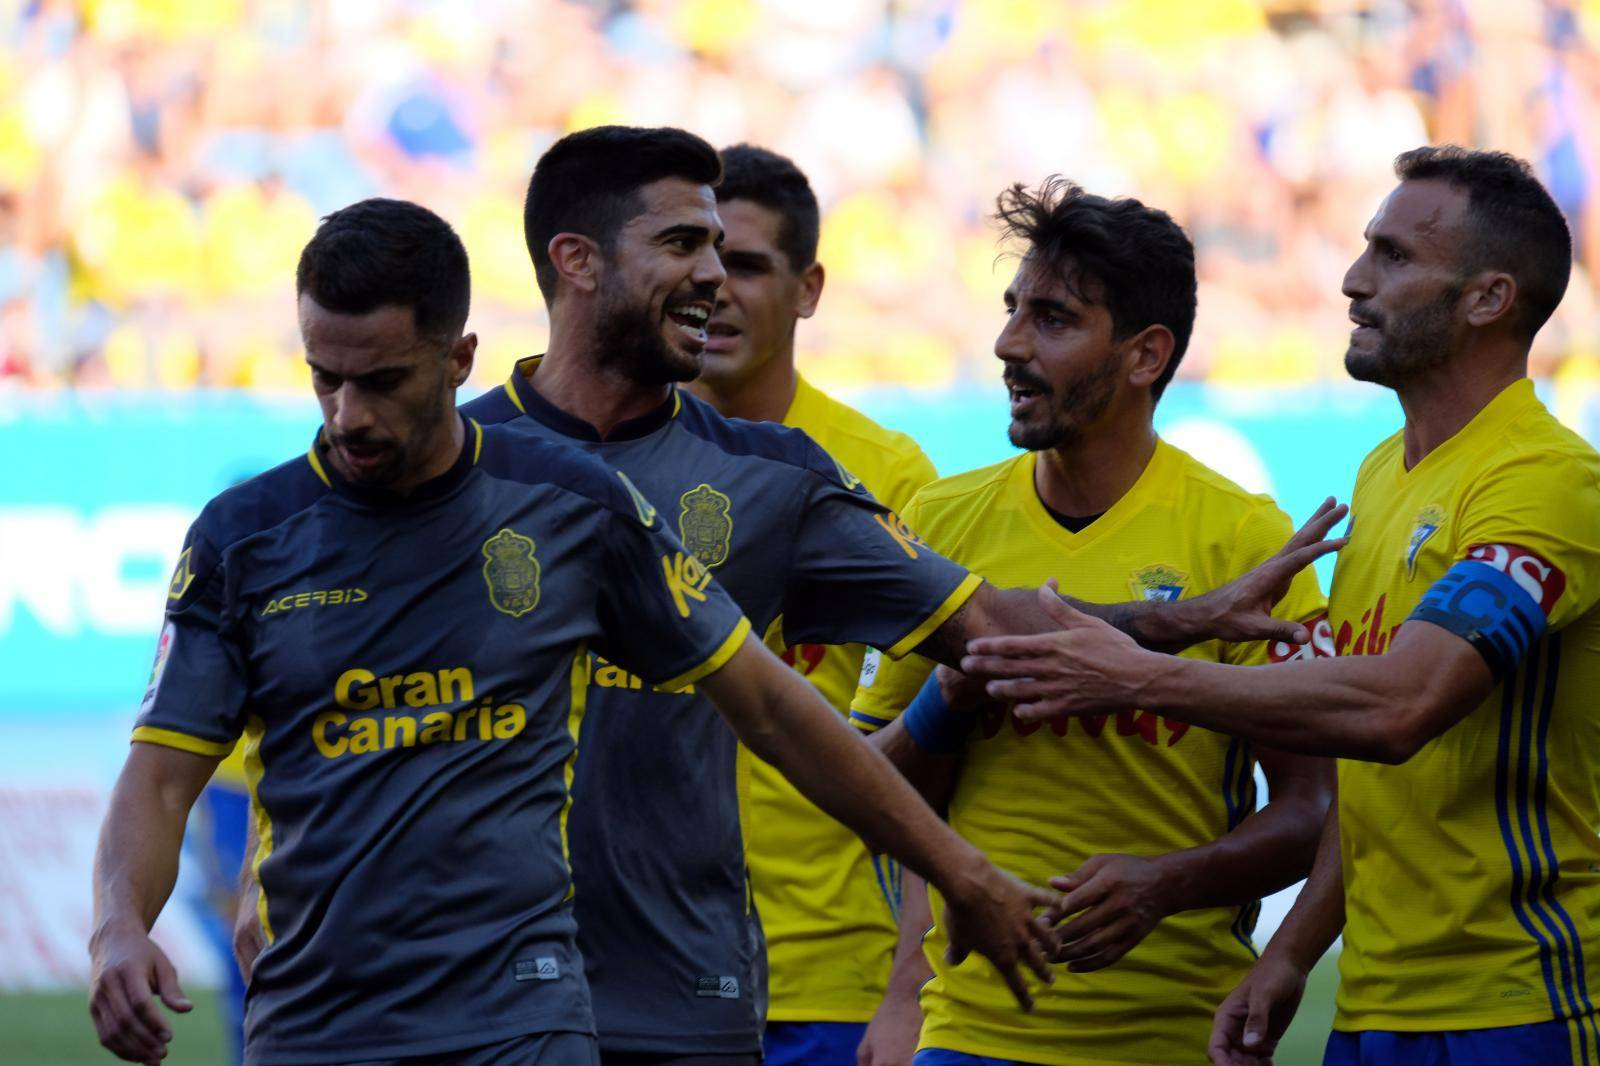 Ramon Carranza Trophy, Cadiz 0 Las Palmas 1